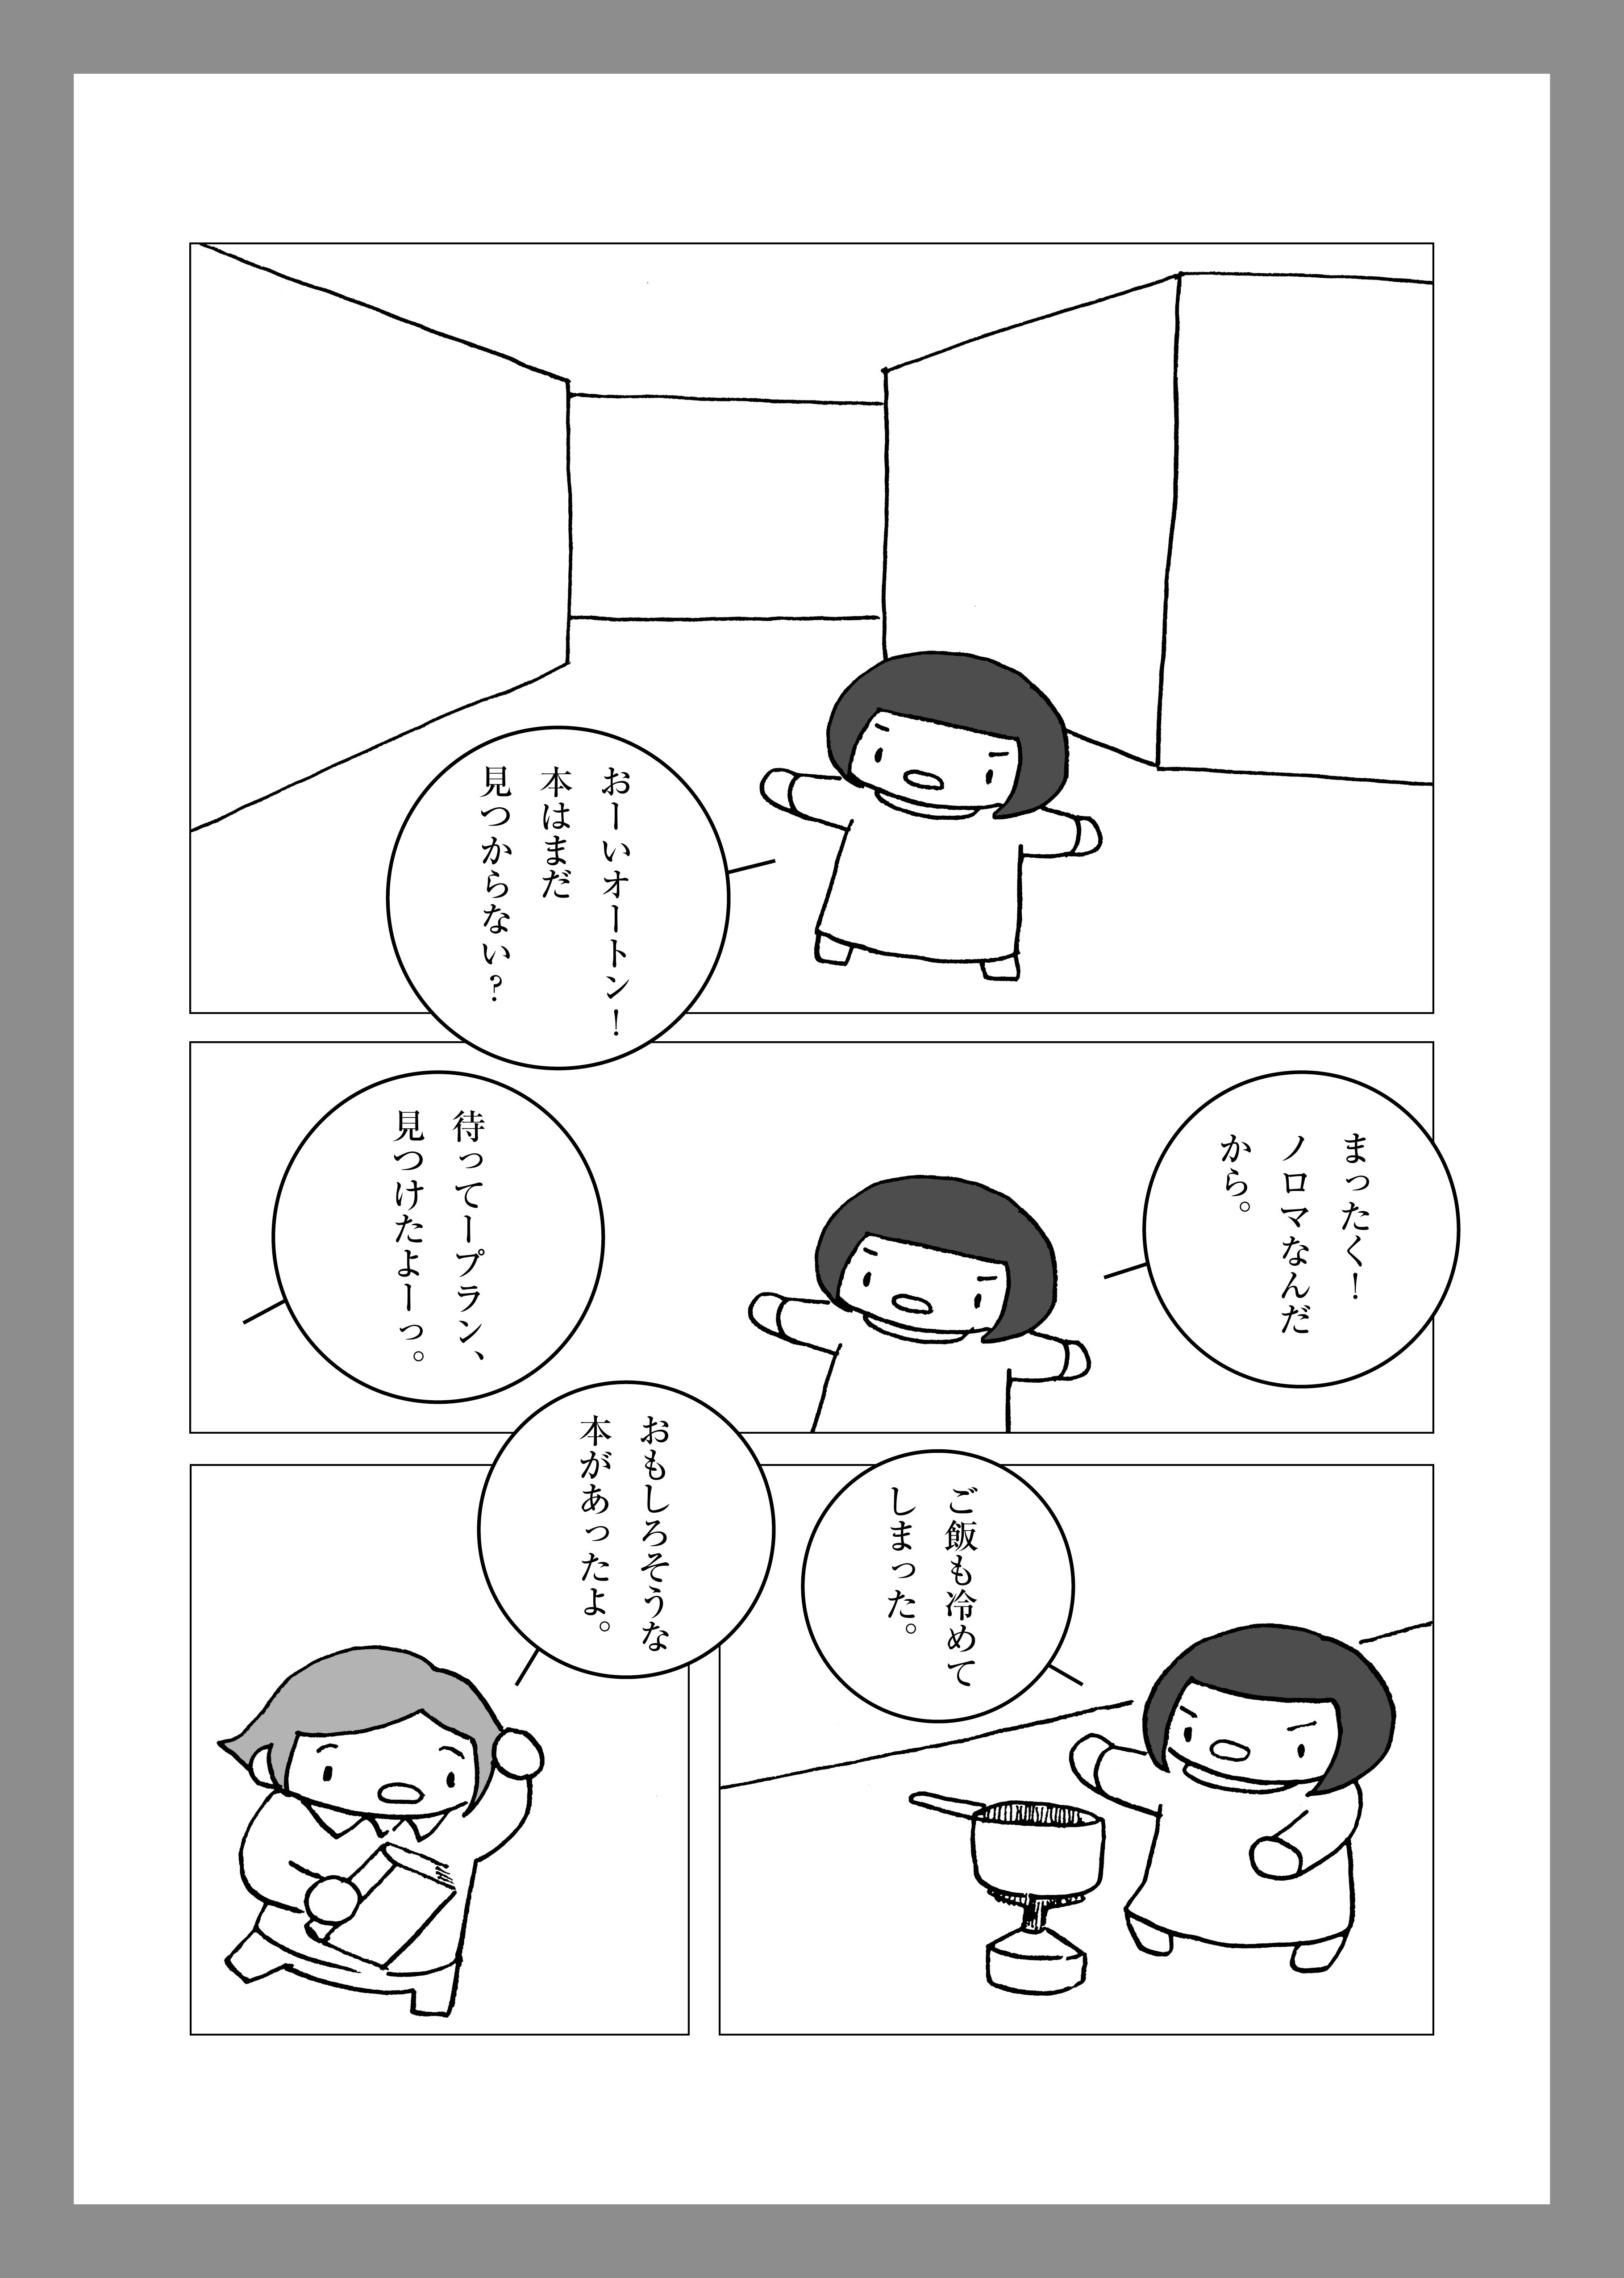 マンガ 描き 方